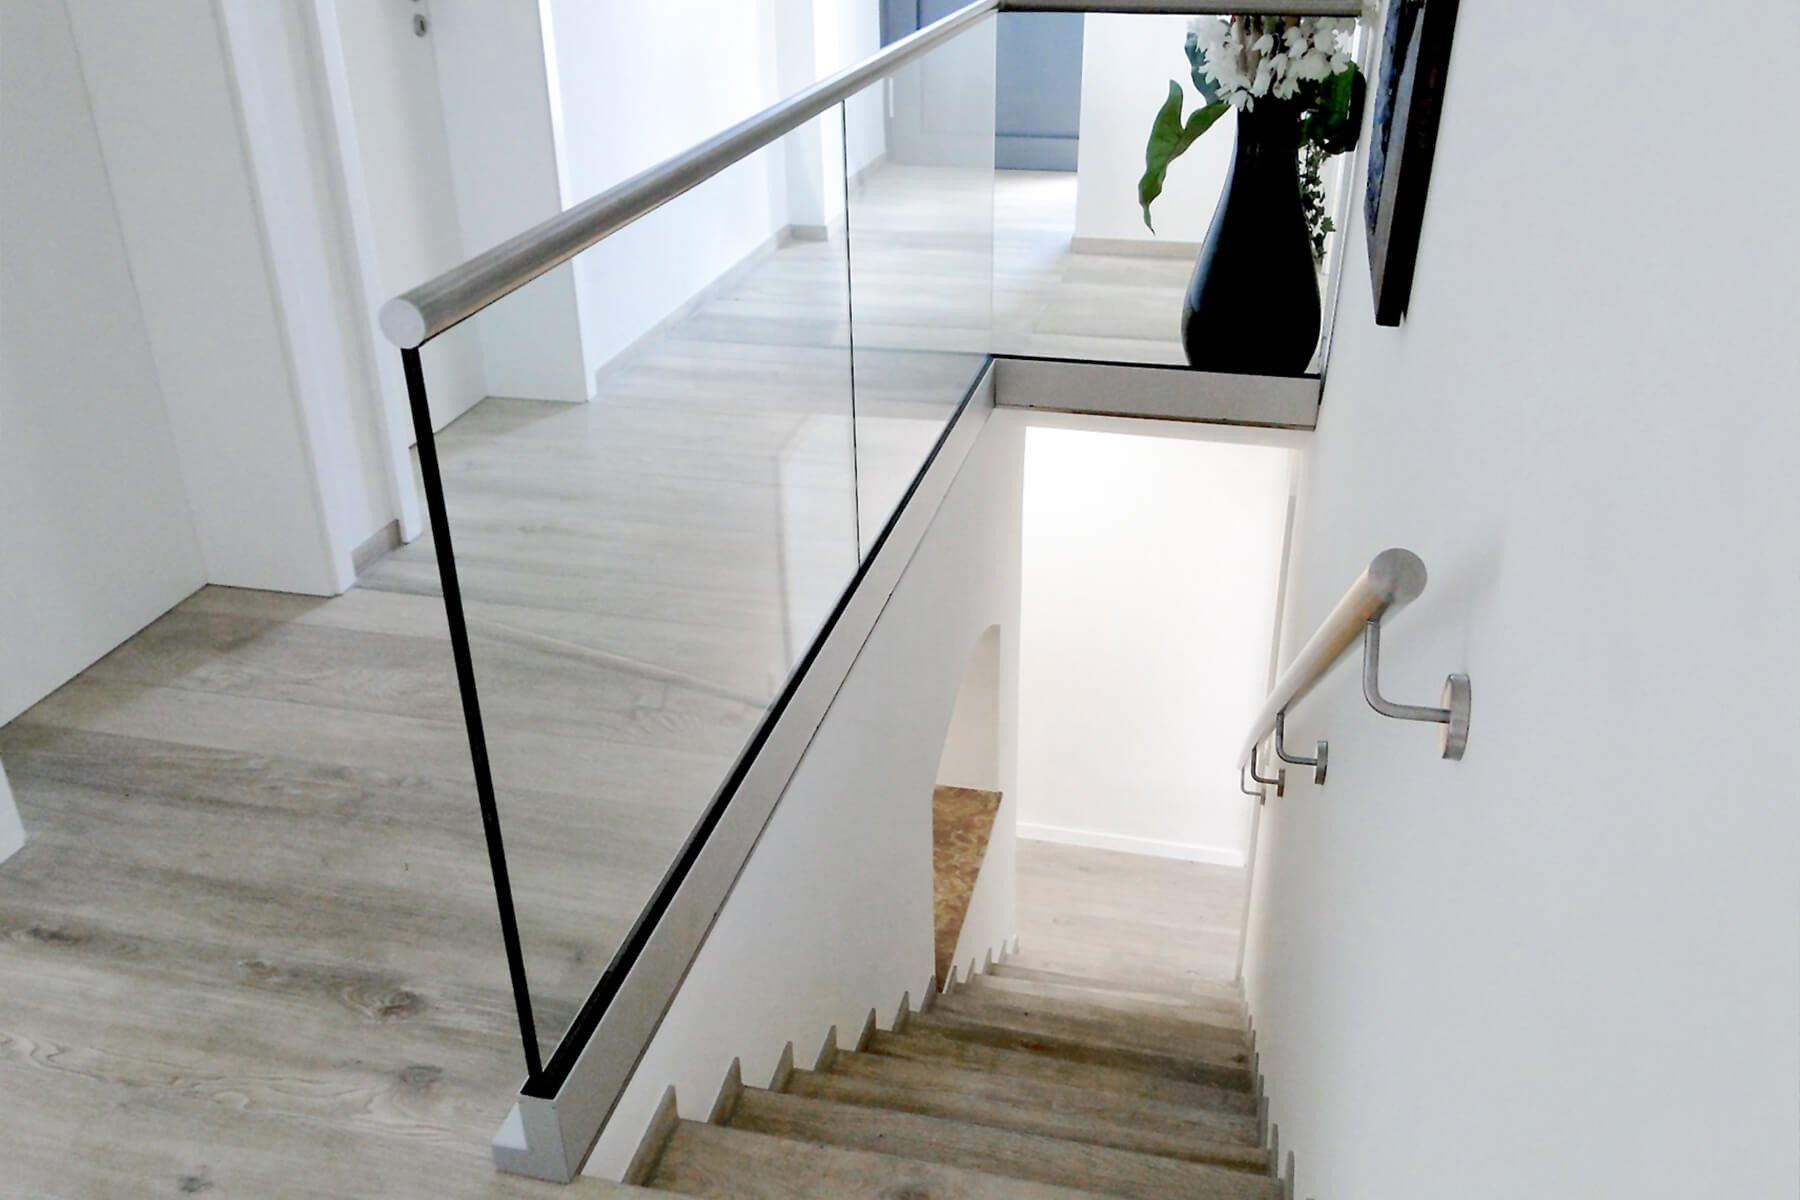 Aufgesetzte Glasbrüstung mit seitlichem Befestigungsflansch ideal als Absturzsicherung für Treppen modern und stilvoll